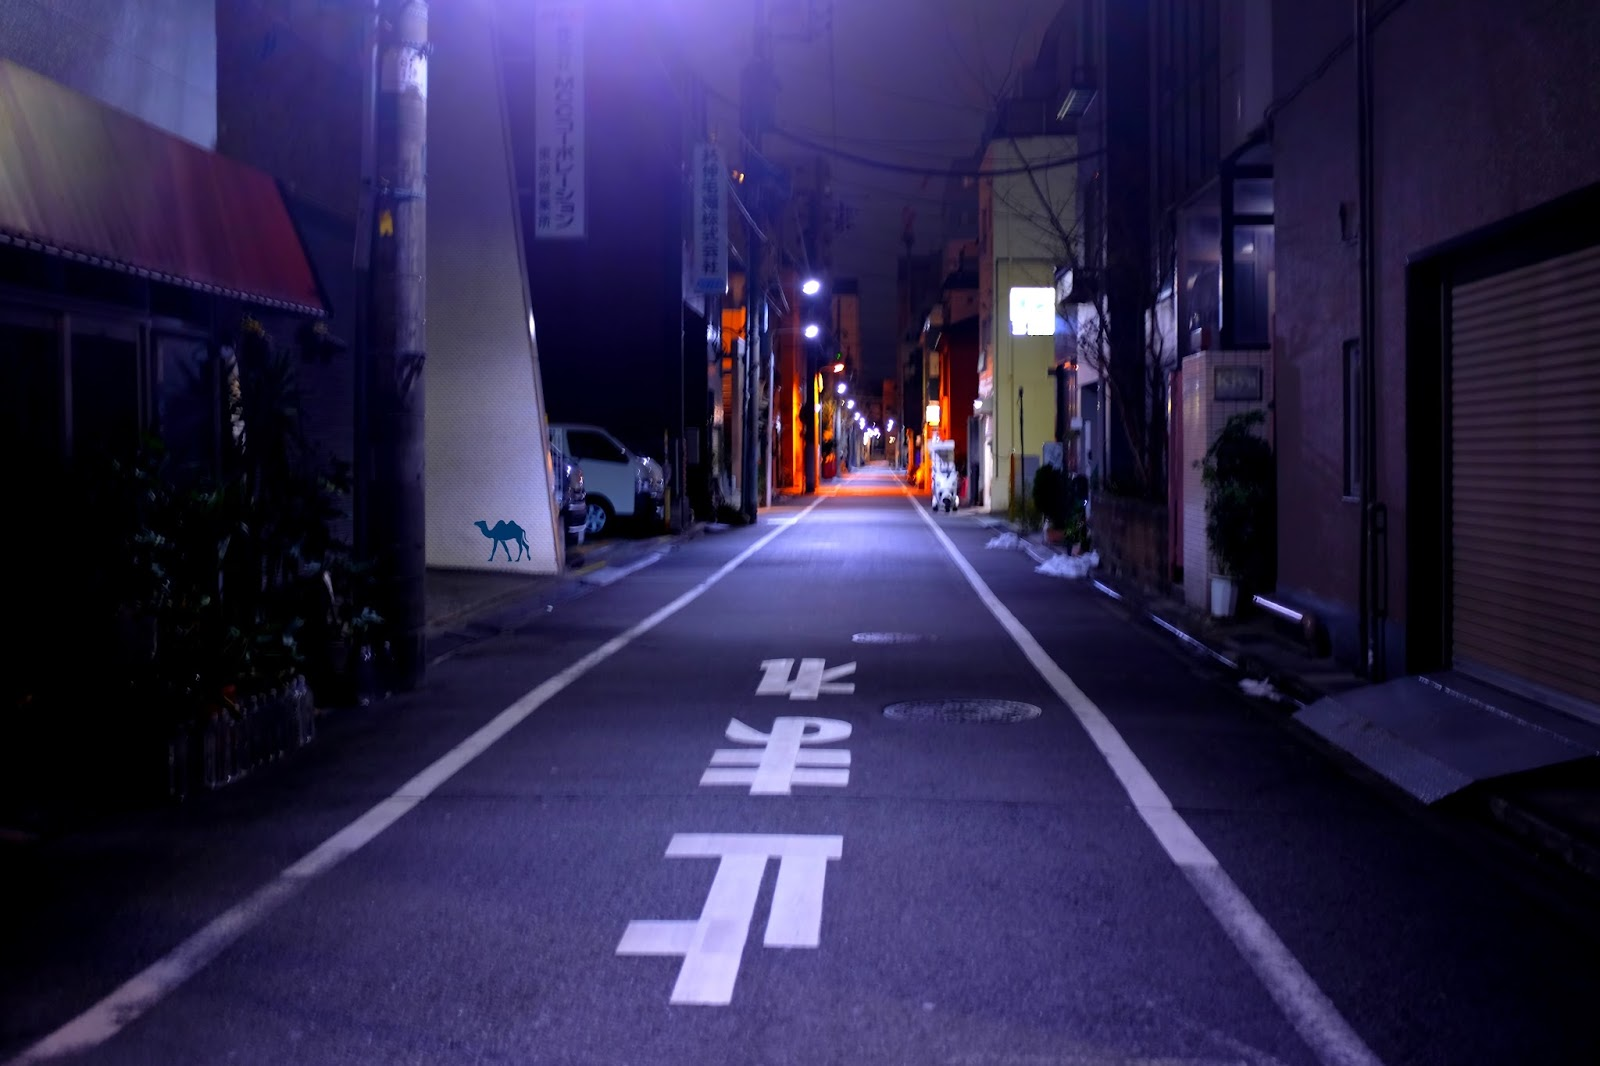 Le Chameau Bleu - Rue japon - S'orienter se déplacer au Japon